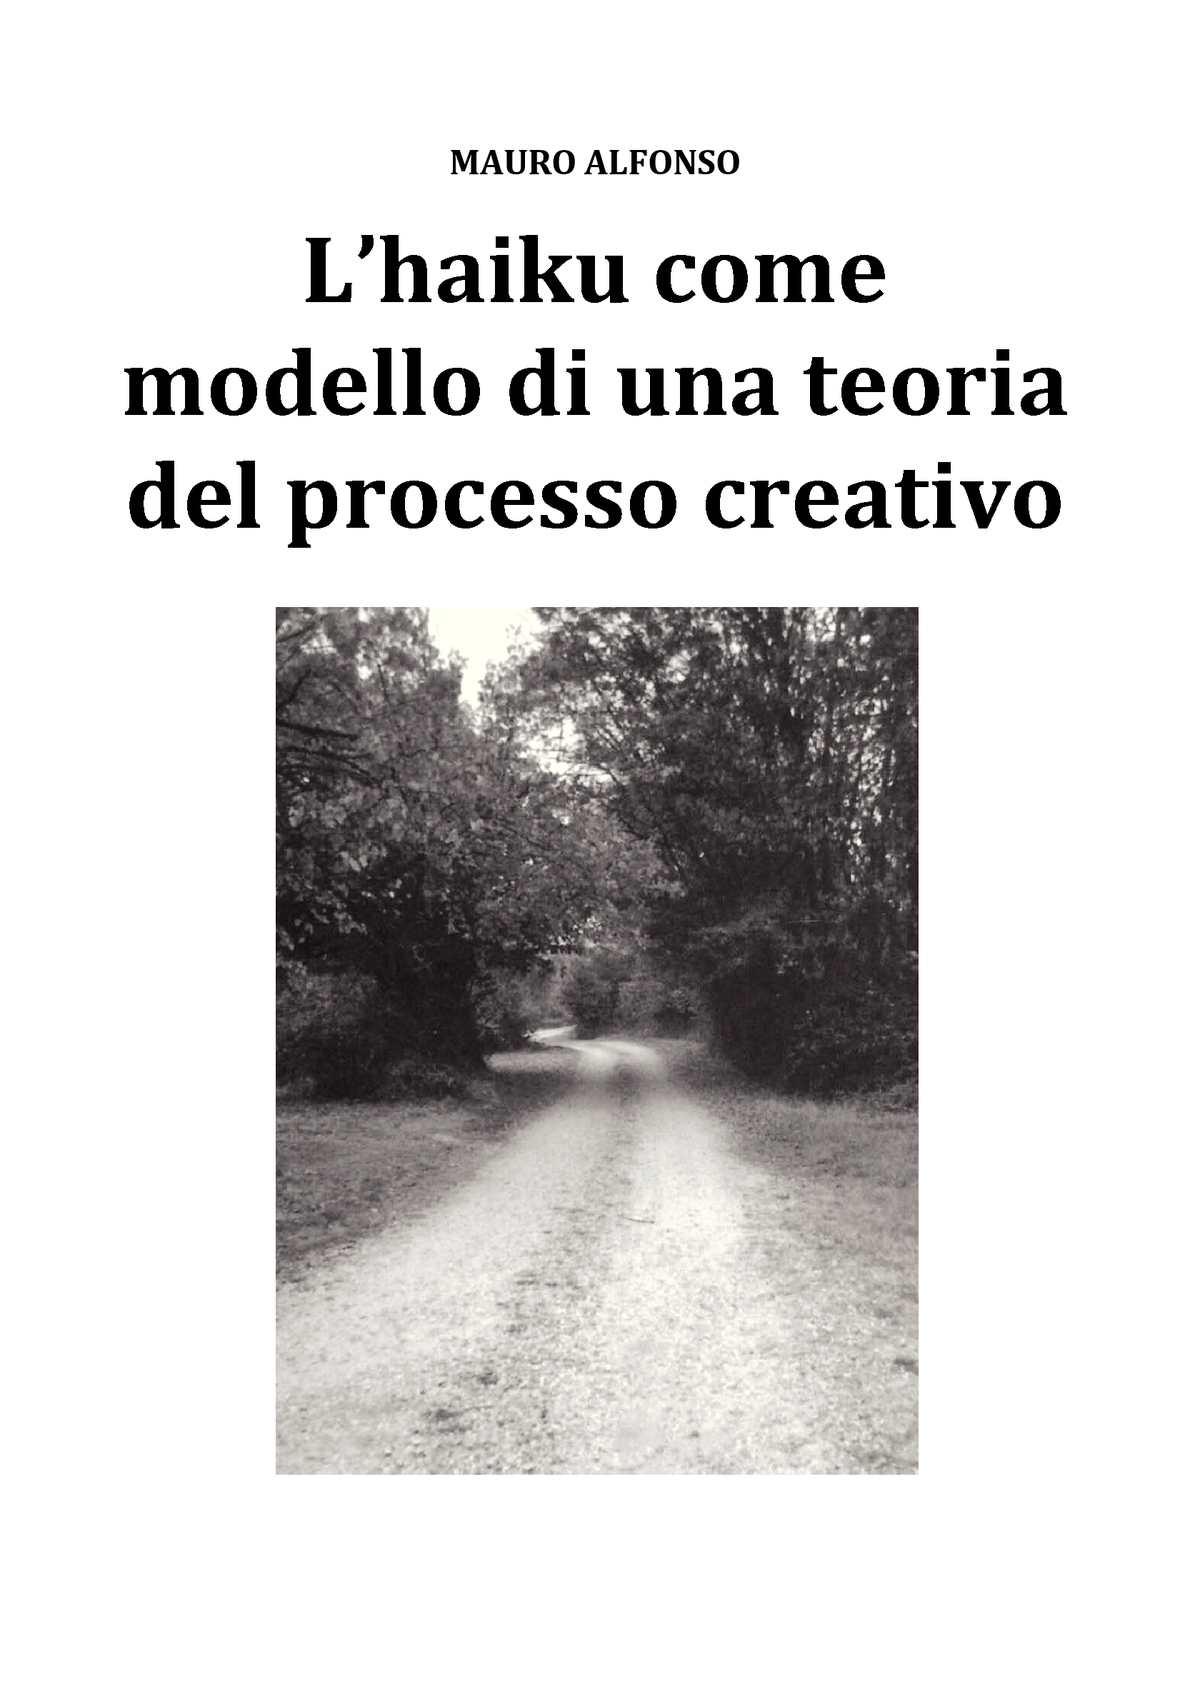 L'haiku come modello di una teoria del processo creativo